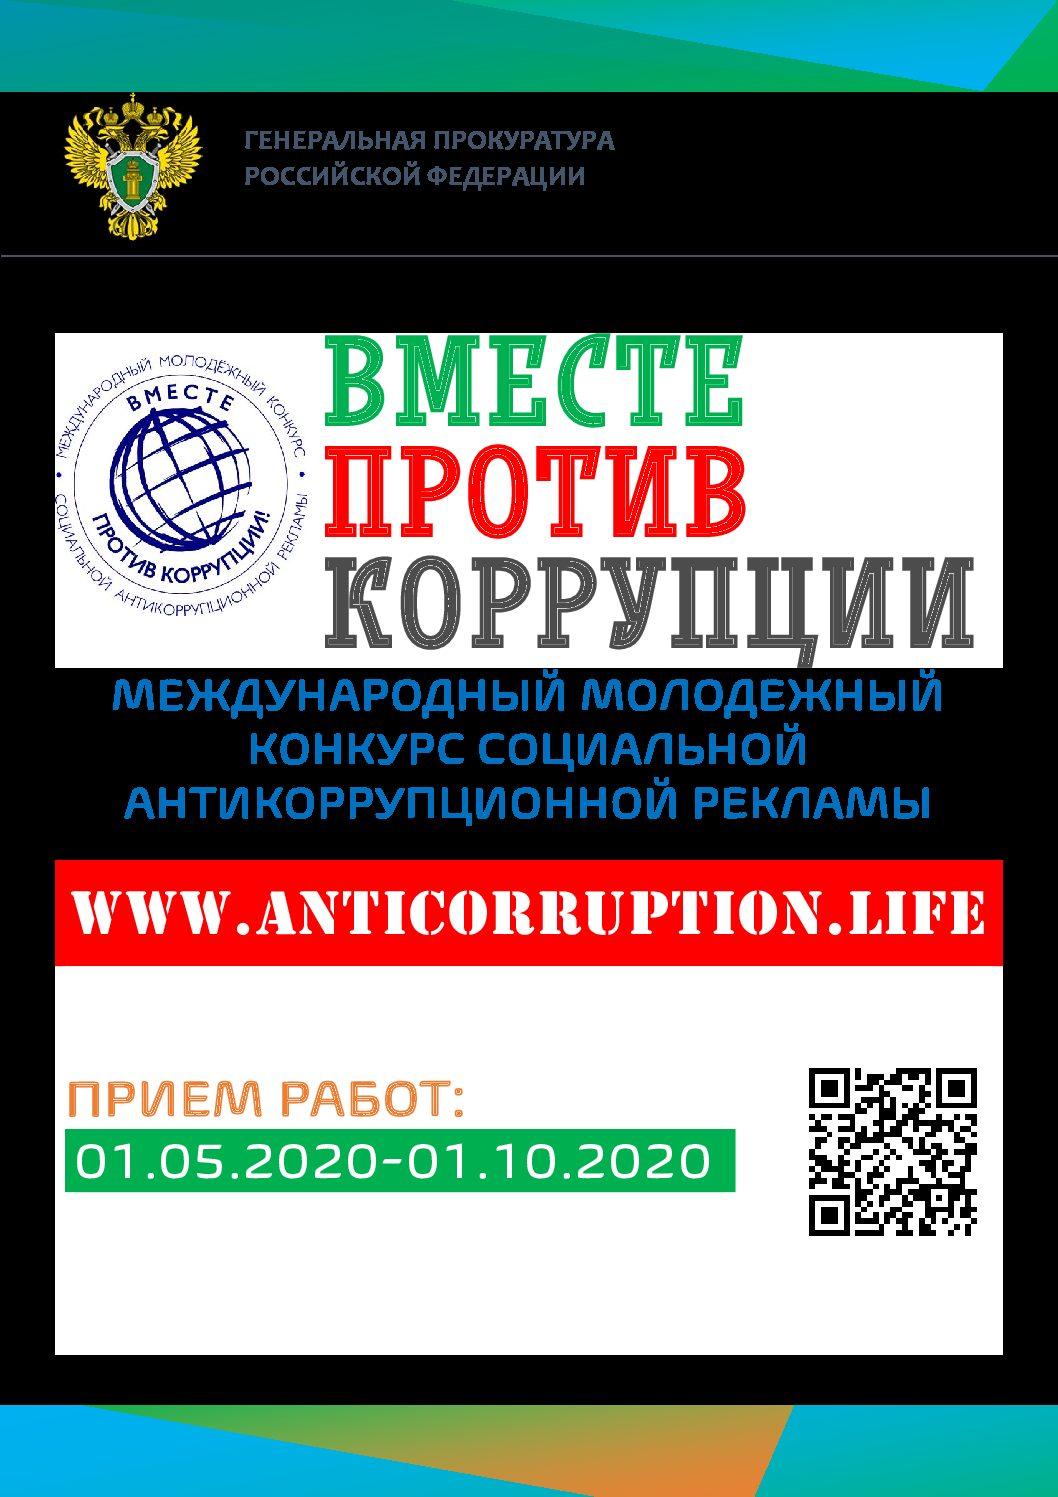 ПРАВИЛА ПРОВЕДЕНИЯ Международного молодежного конкурса социальной антикоррупционной рекламы «Вместе против коррупции!»